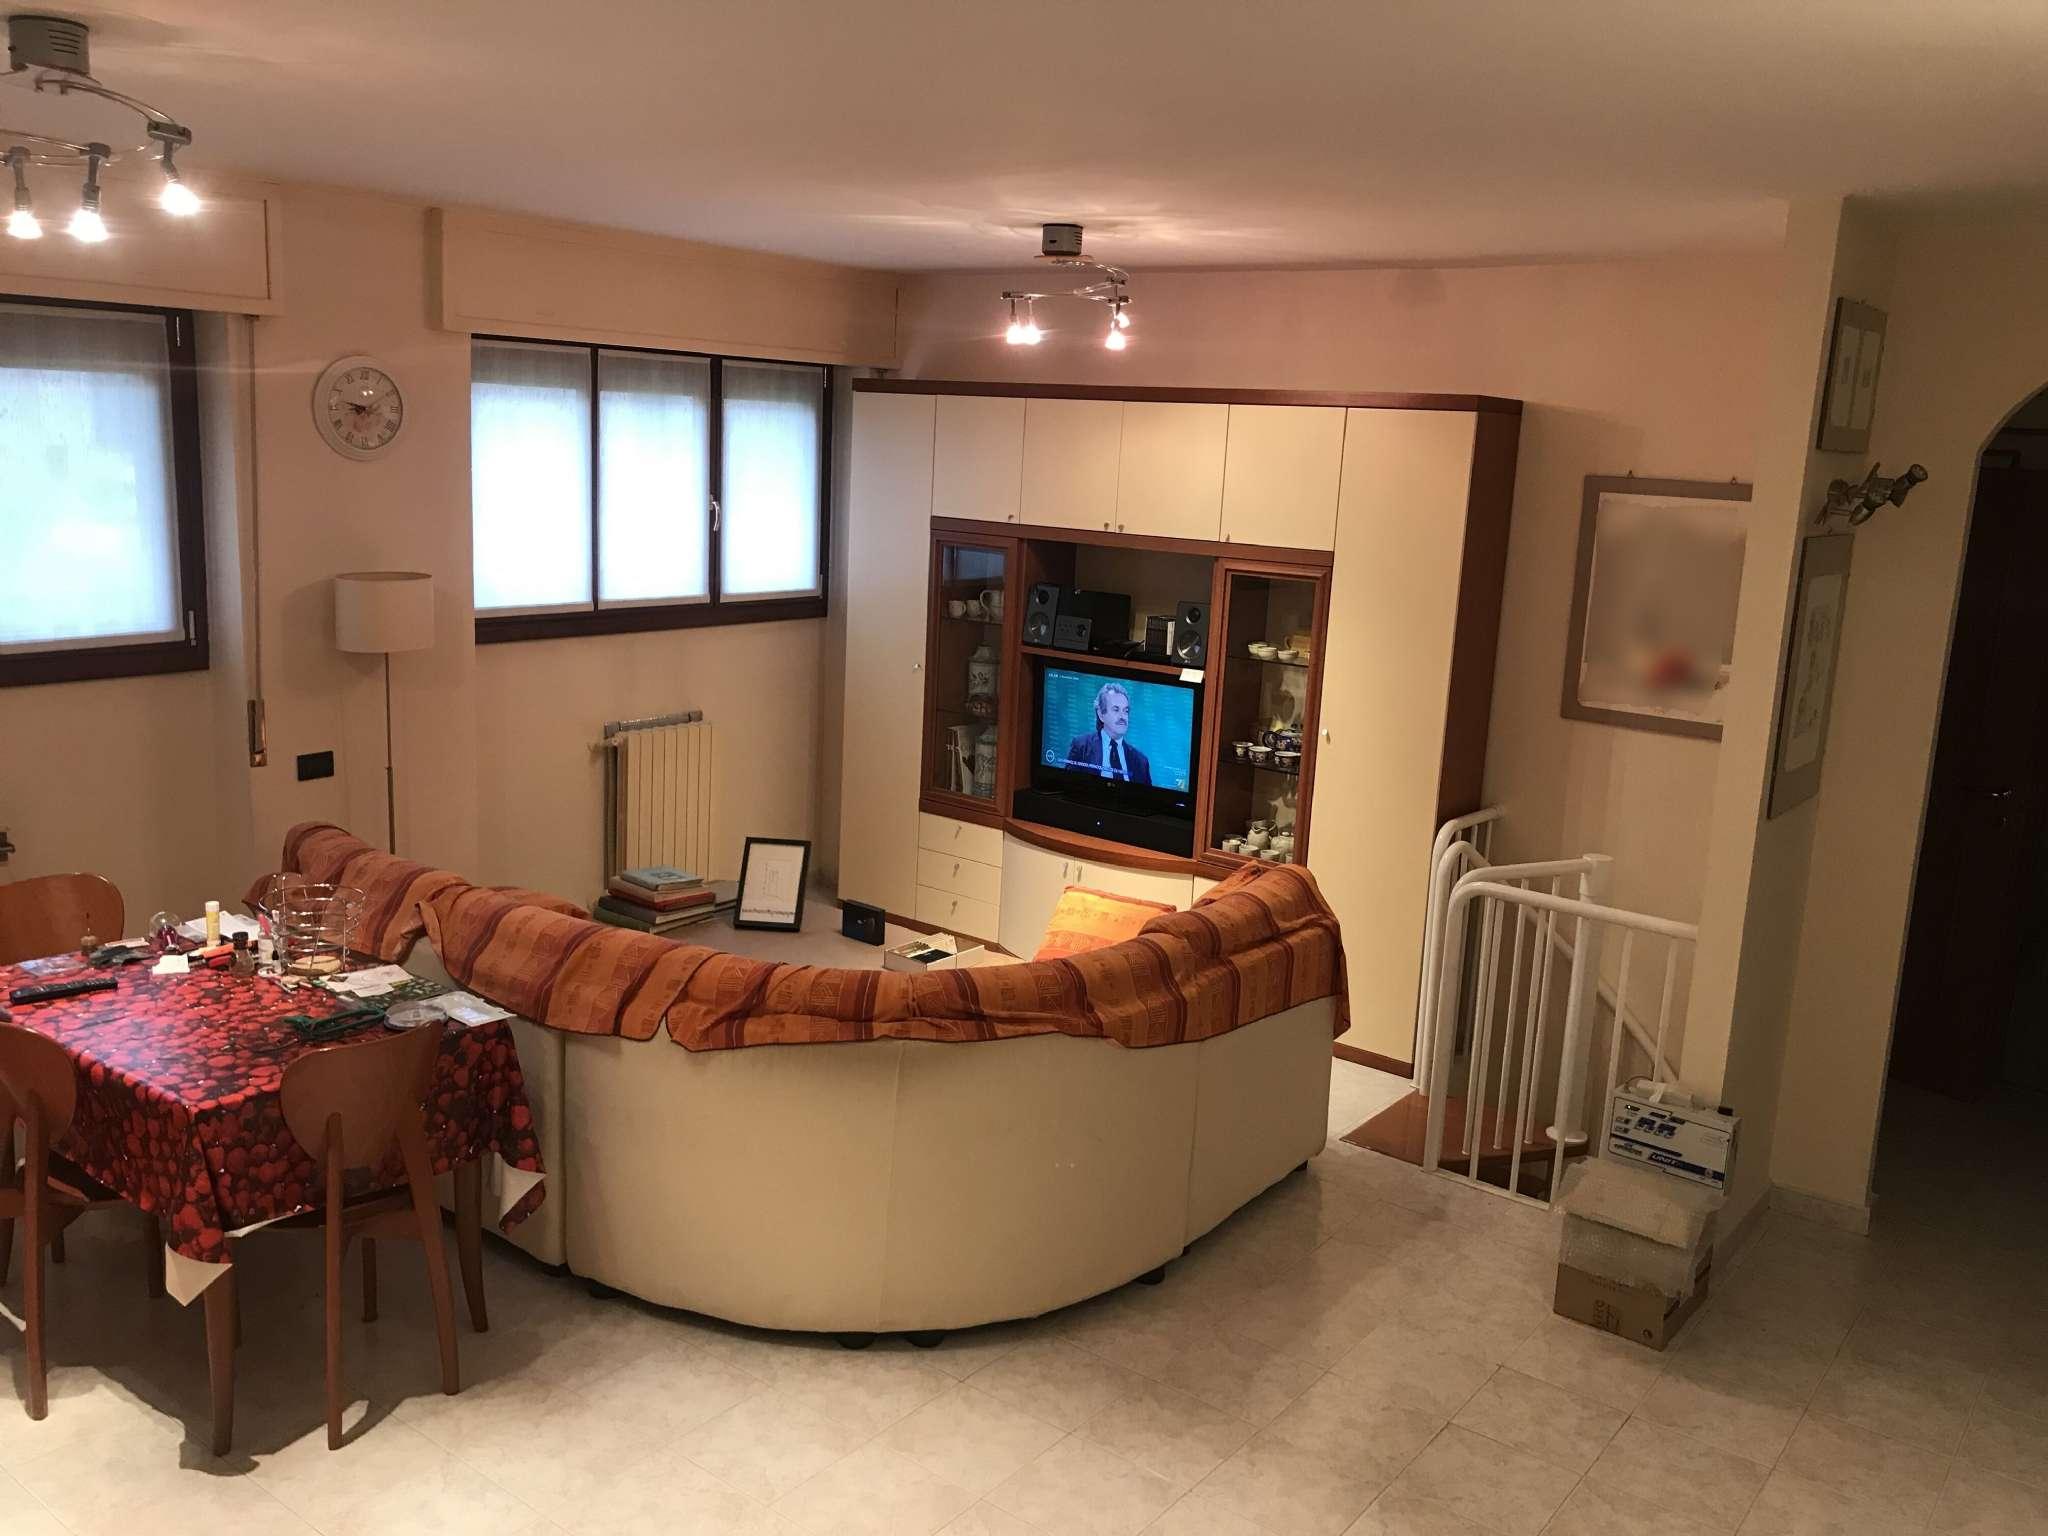 Appartamento in vendita a Cuneo, 2 locali, prezzo € 63.000 | PortaleAgenzieImmobiliari.it